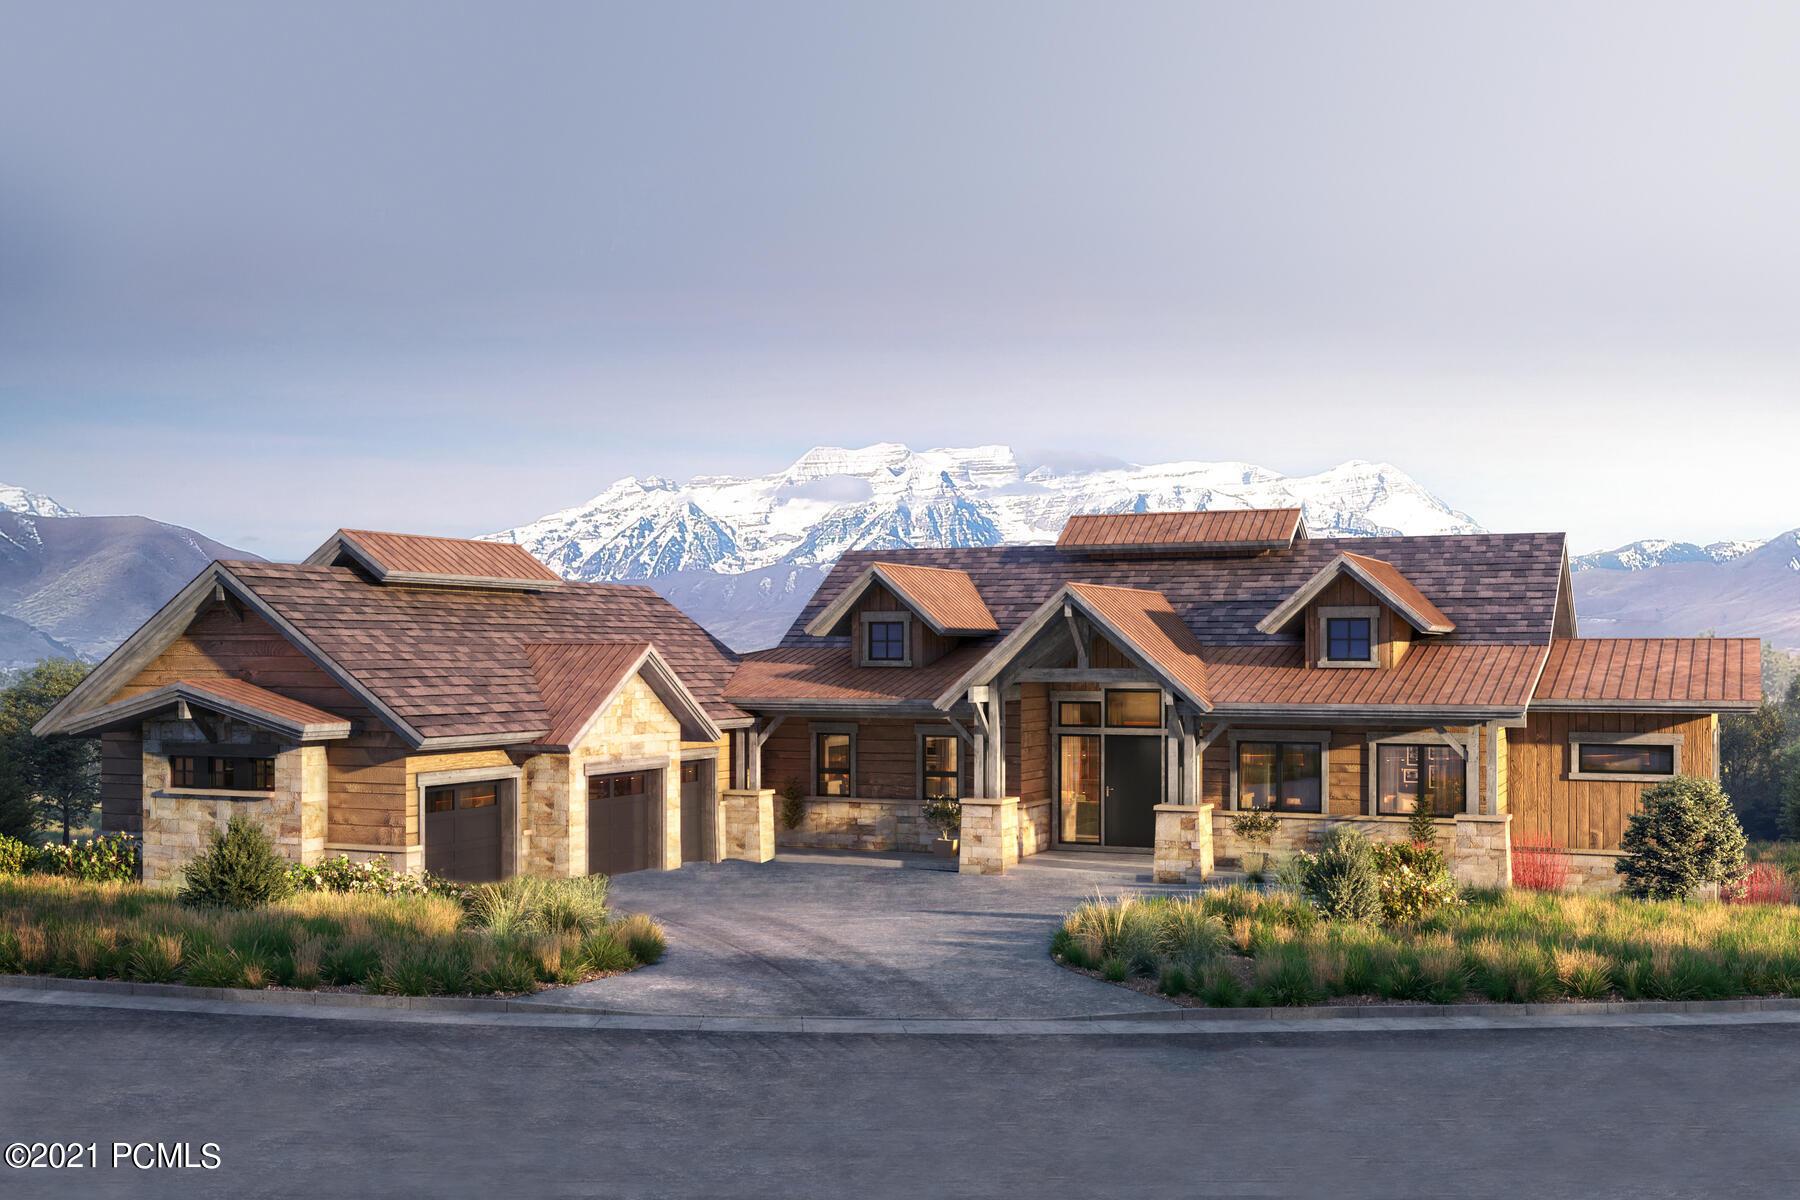 3220 Horsehead Peak Court, Heber City, Utah 84032, 5 Bedrooms Bedrooms, ,5 BathroomsBathrooms,Single Family,For Sale,Horsehead Peak,12102100